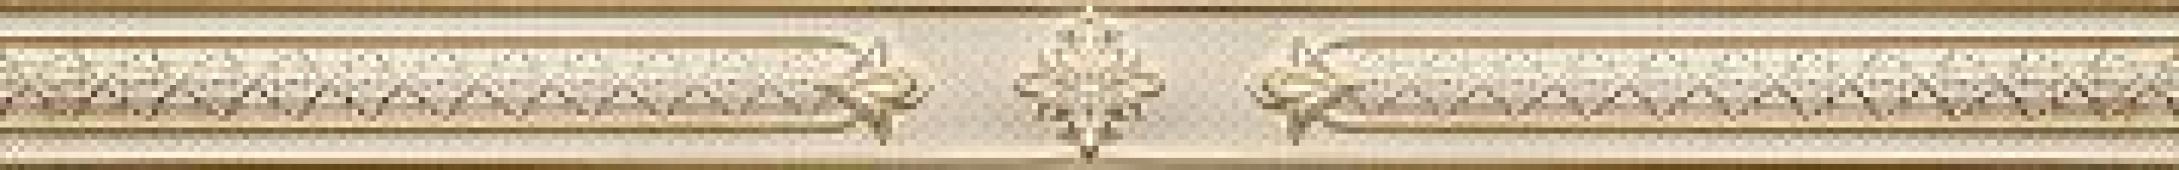 Бордюр настенный AltaCera Petra Anise 4x50